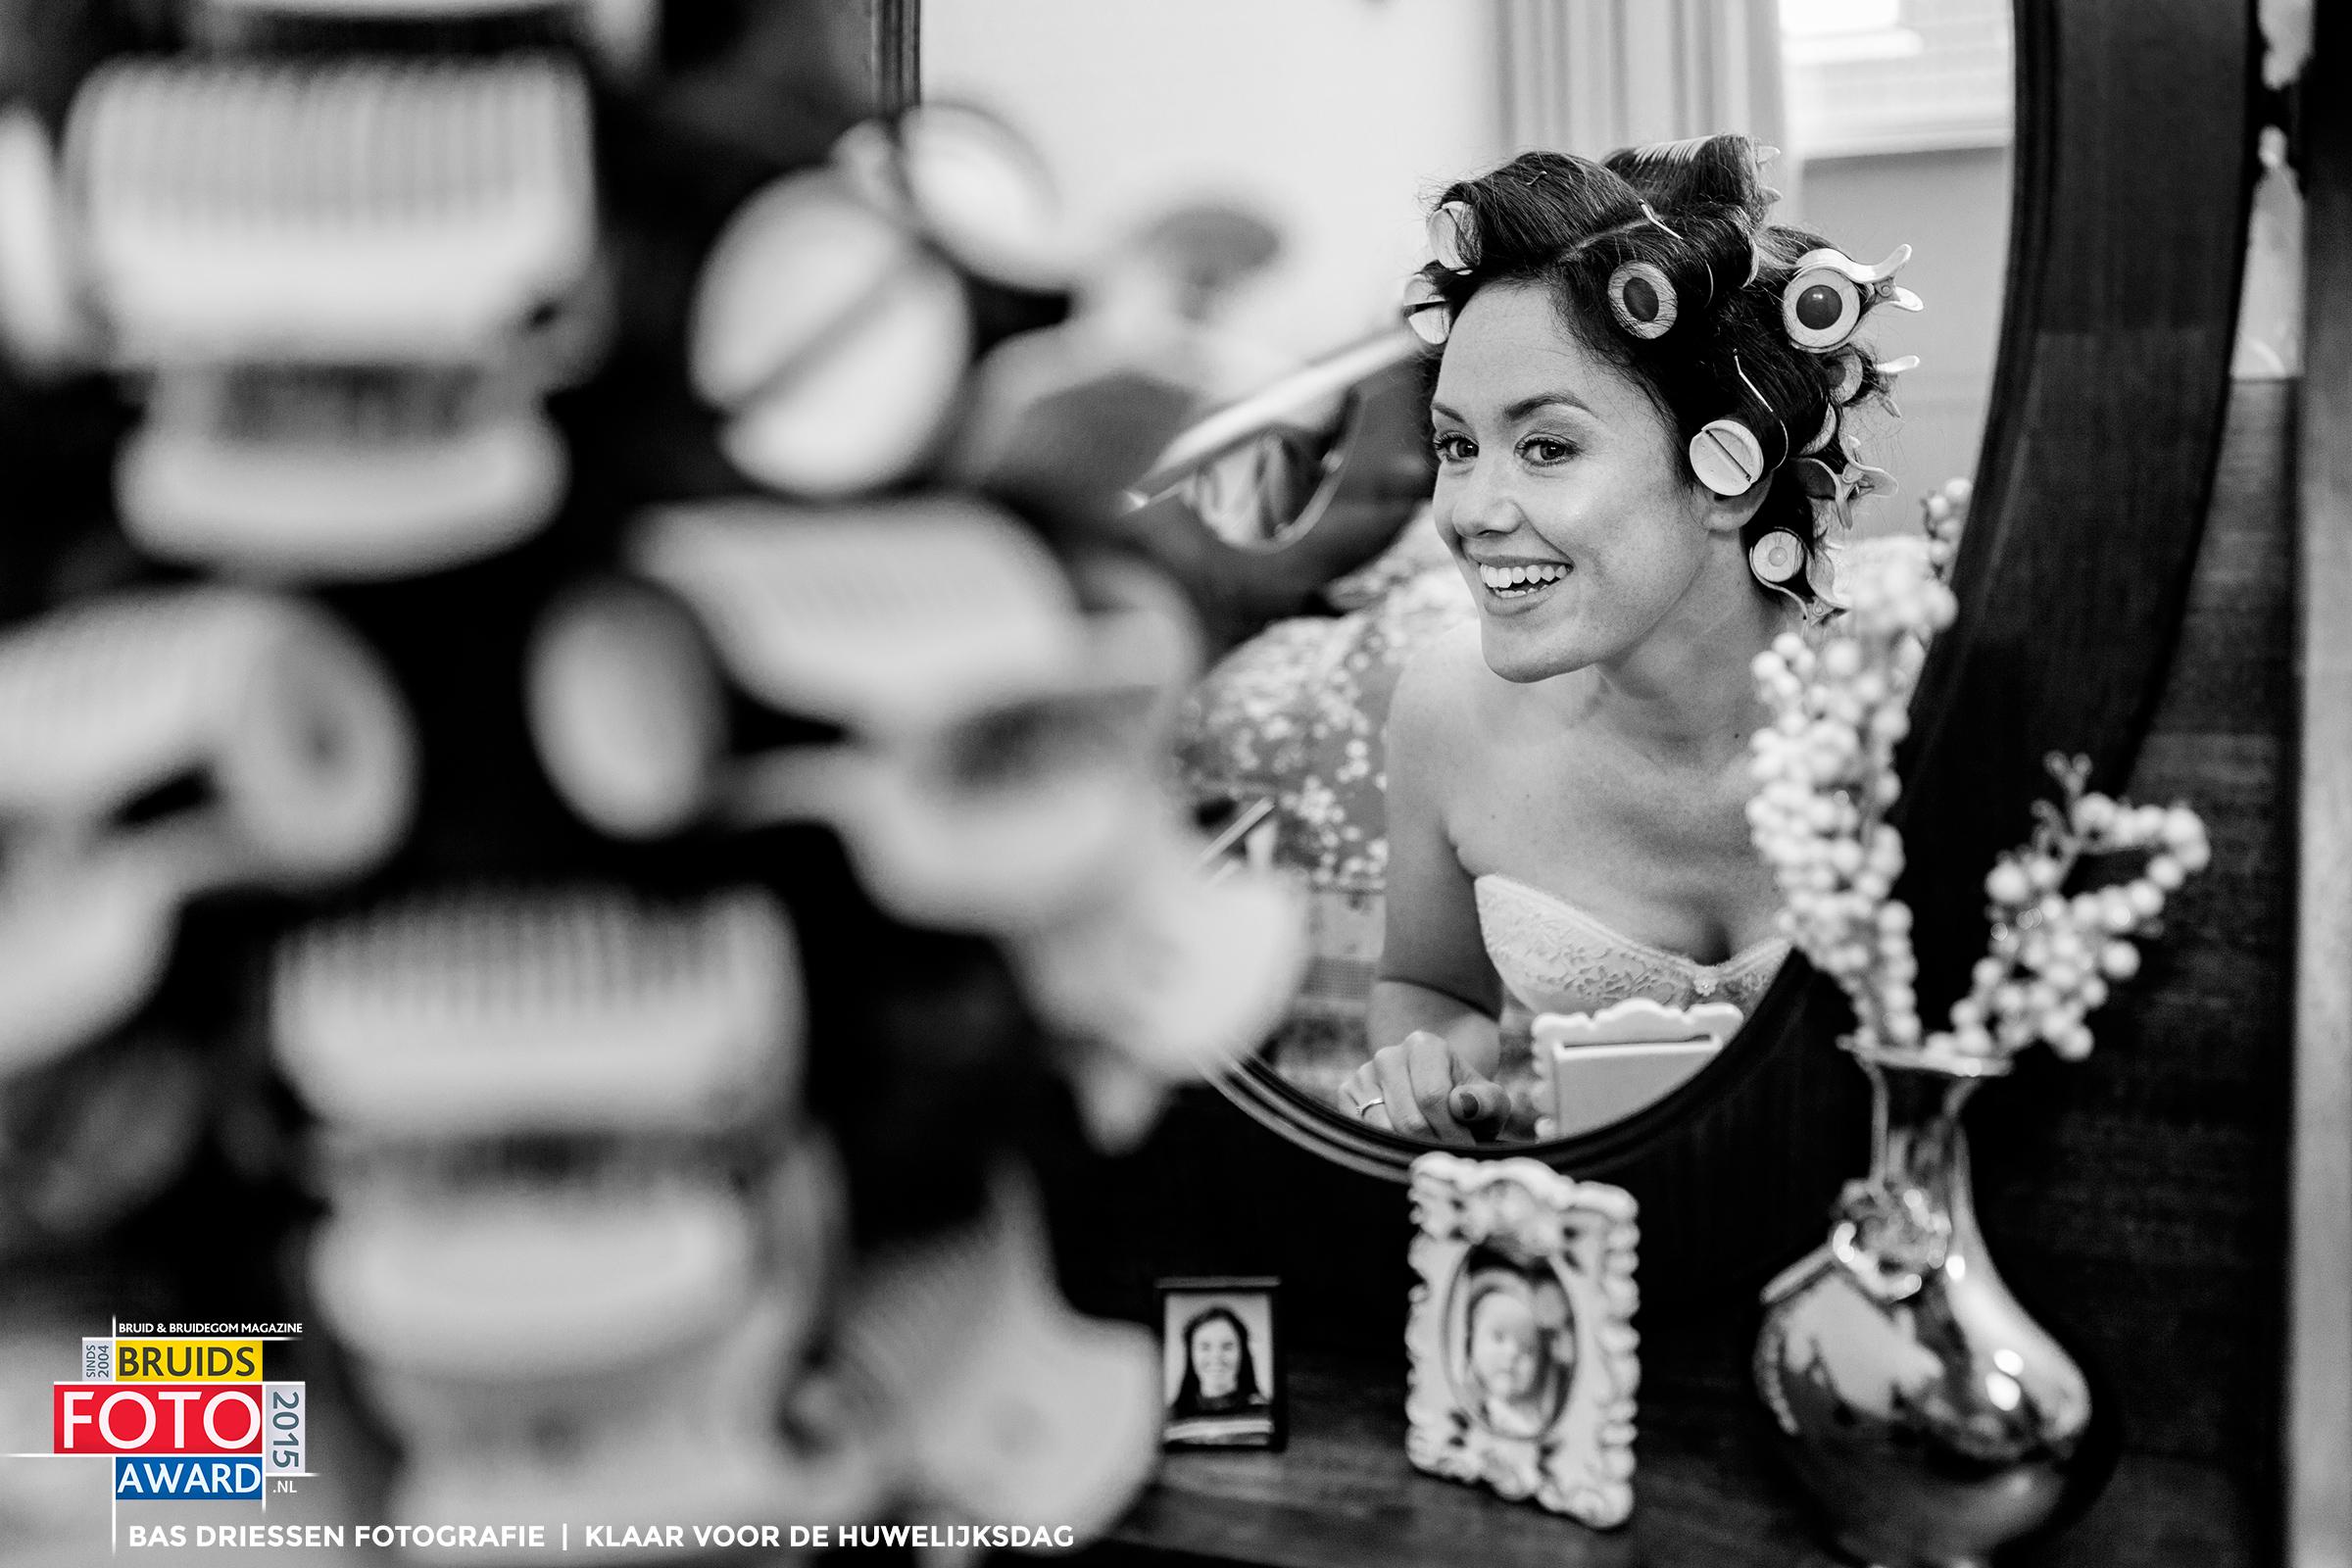 Bas-Driessen-Fotografie-Bruidsfoto-Award-2015-Klaar-voor-de-Huwelijksdag